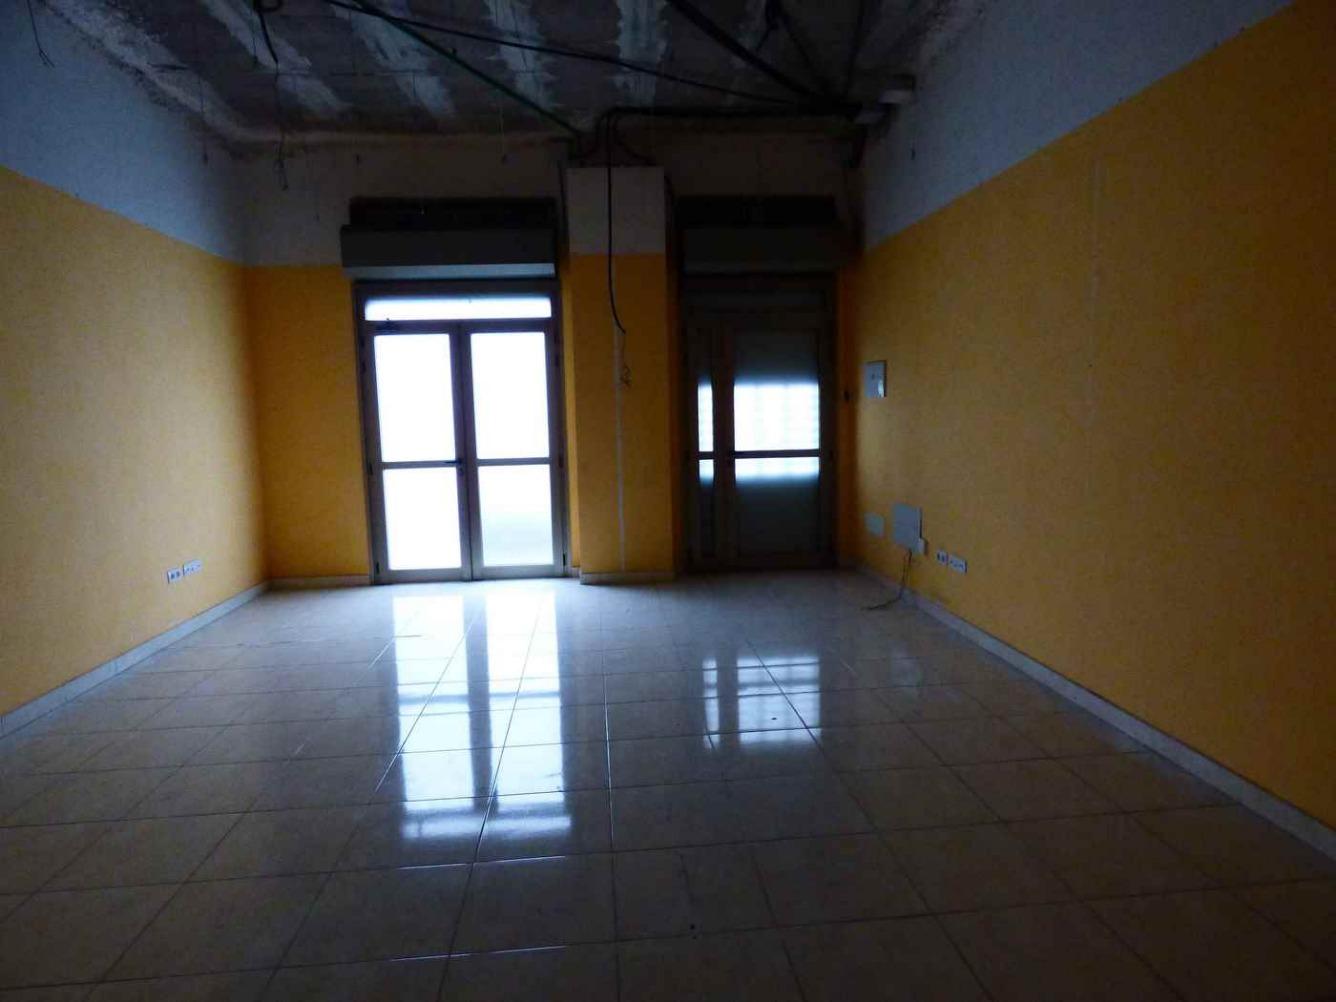 Local en alquiler larga duración con 43 m2,  en Extrarradio (S. C. Ten